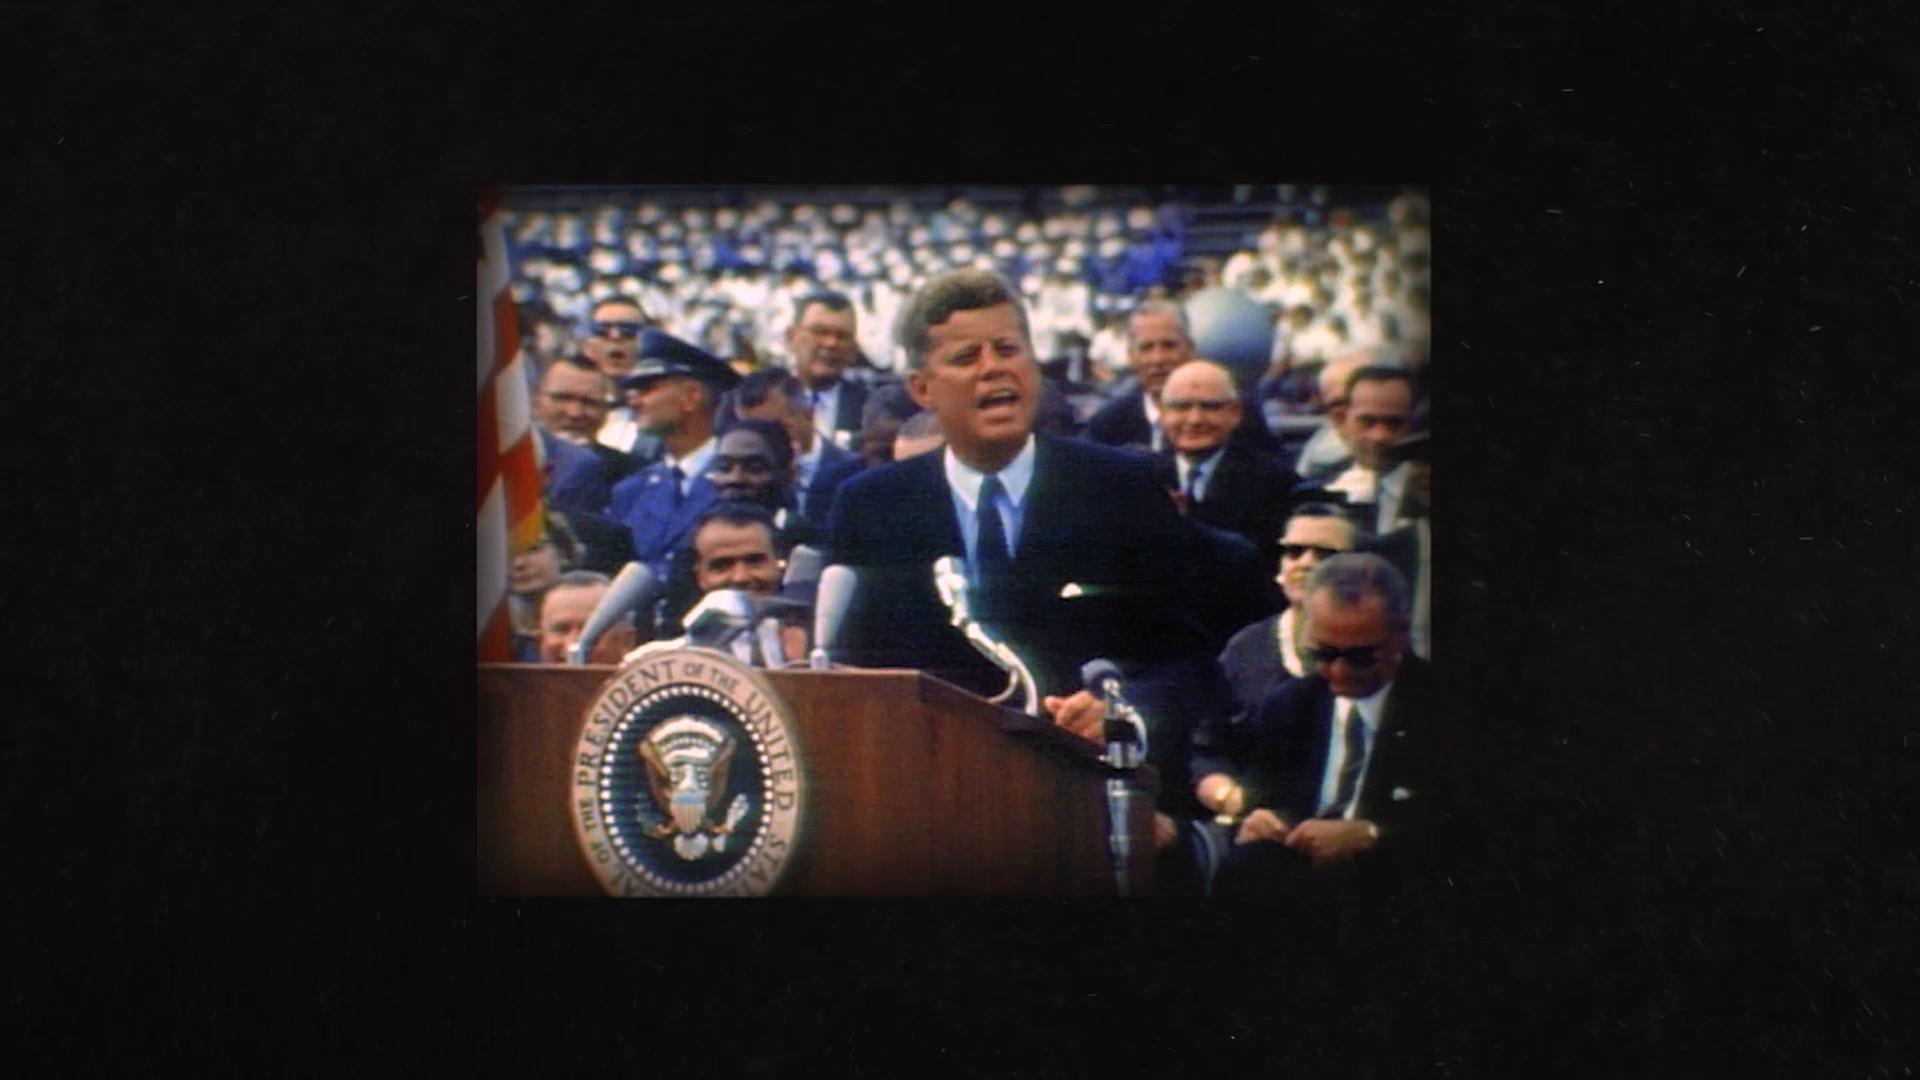 Thumbnail for JFKunsilenced